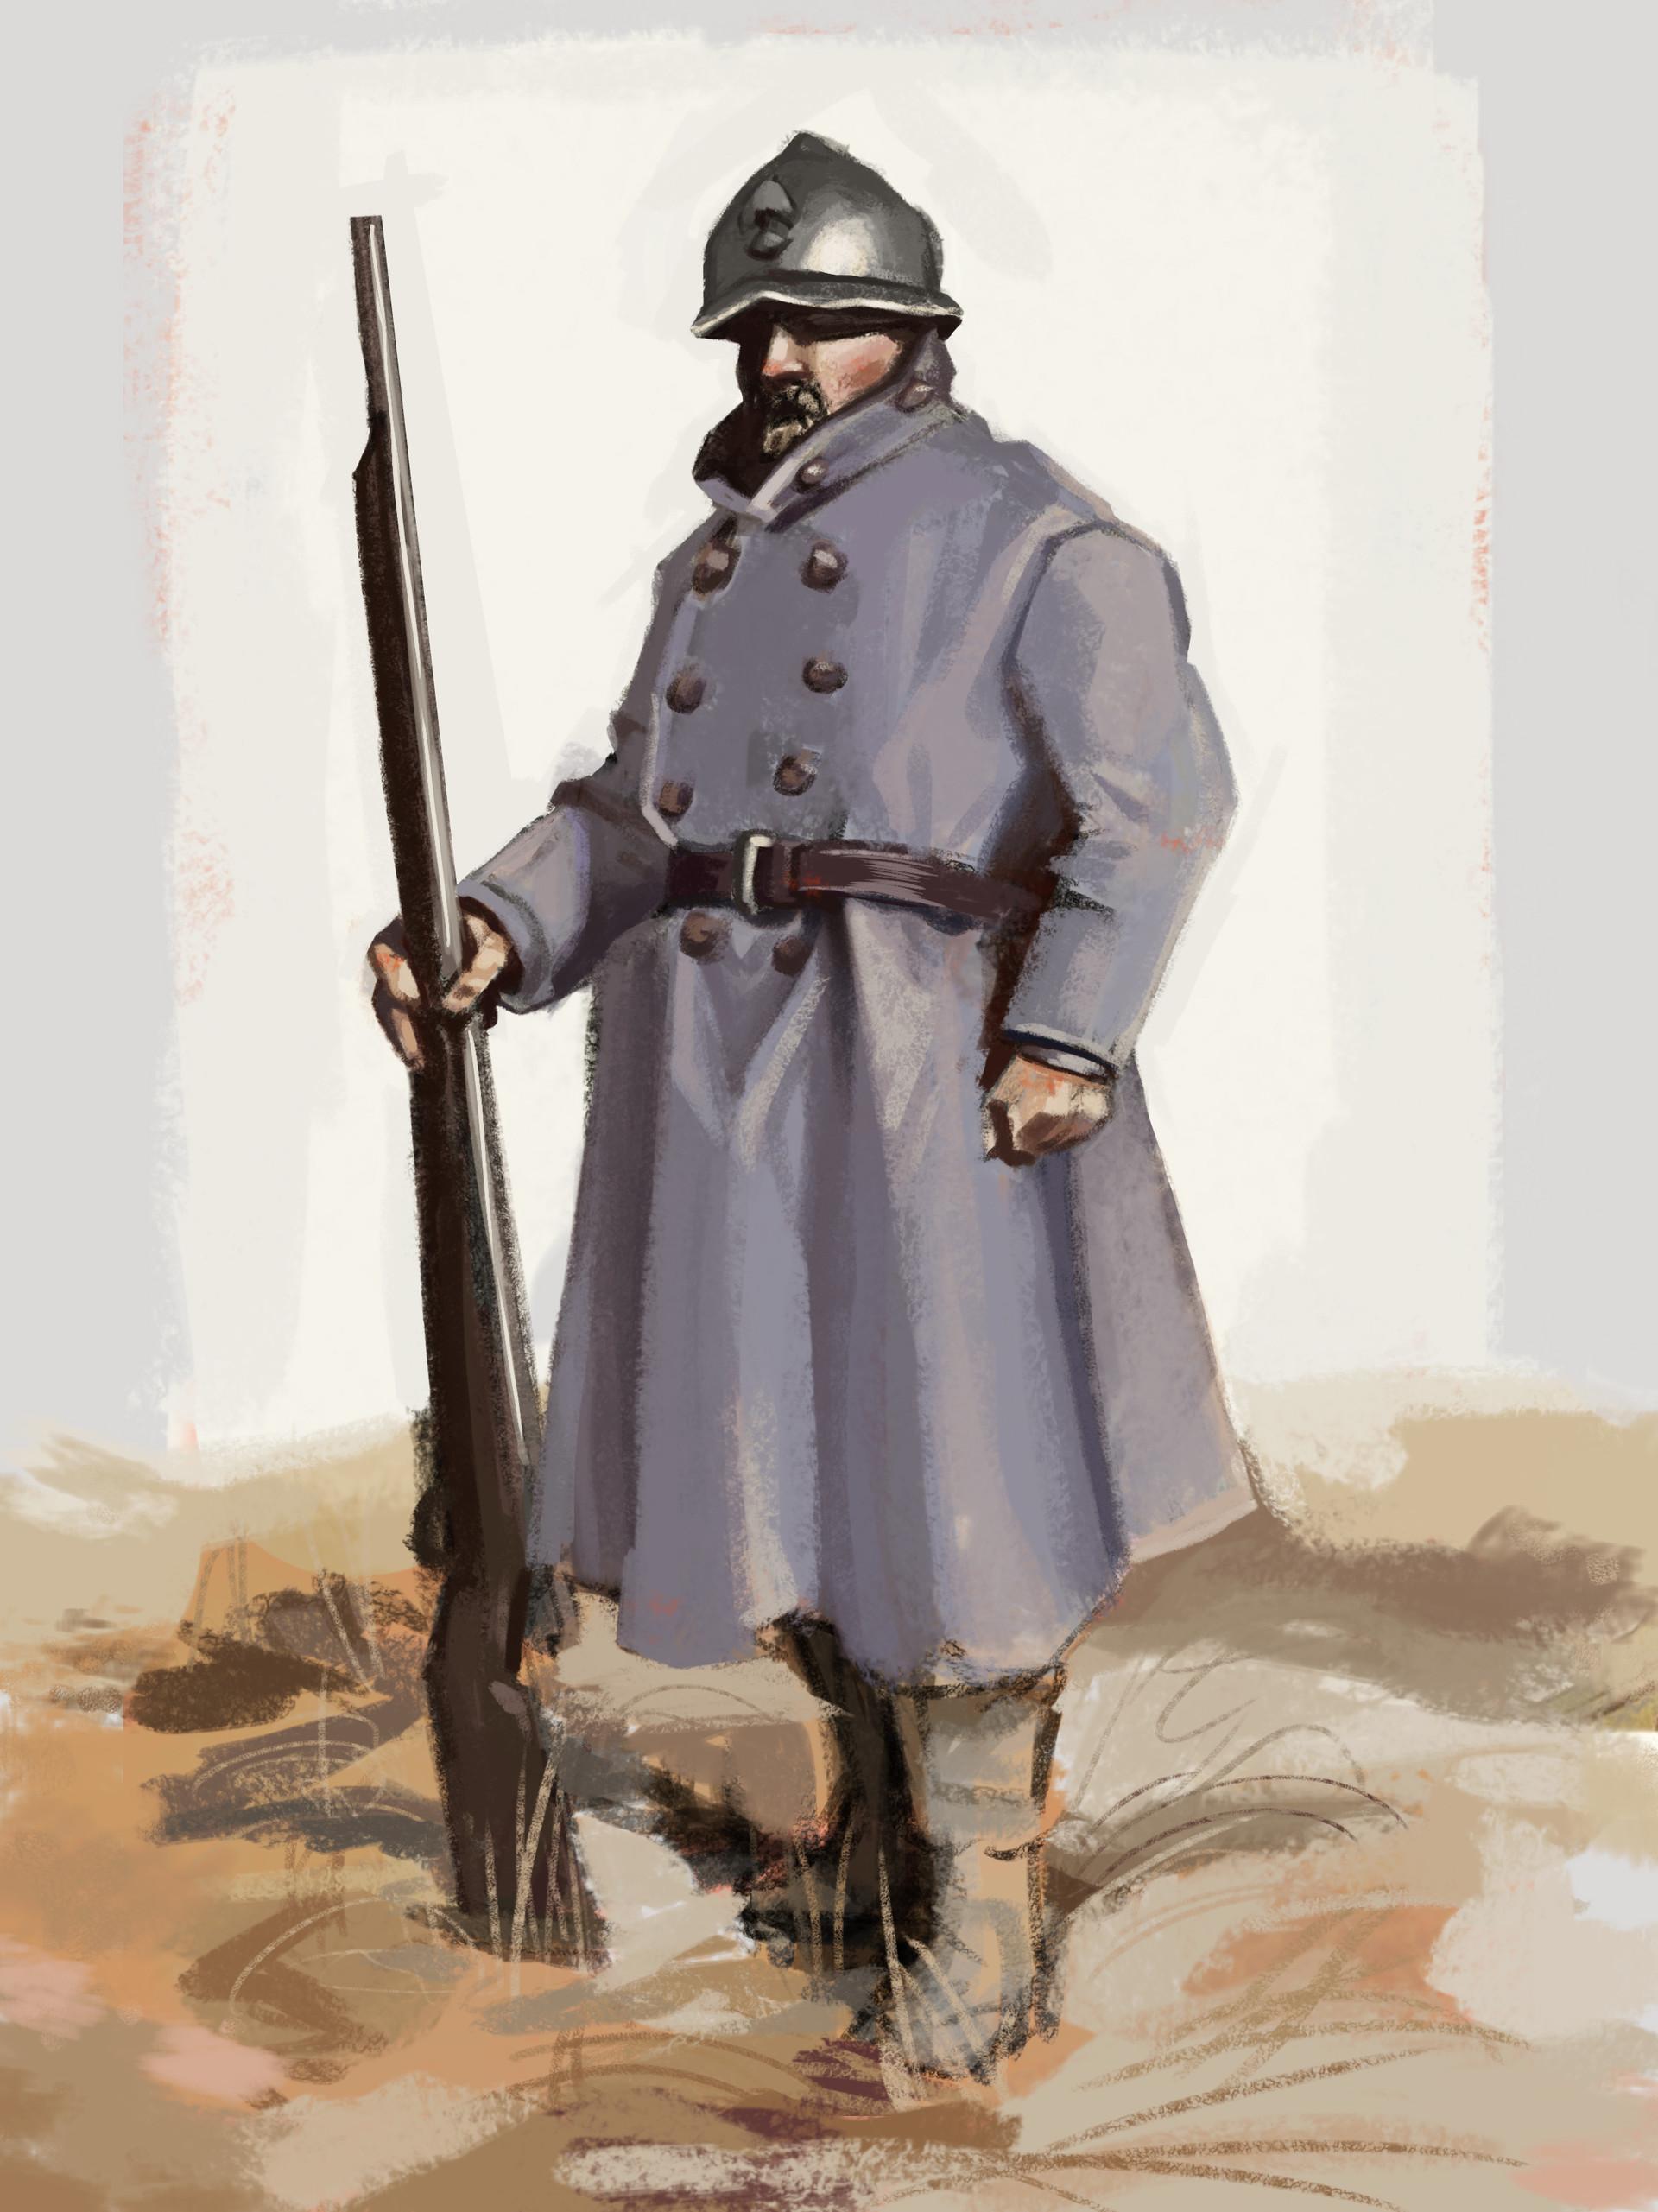 ArtStation - Study - French Soldier, Austin Legg